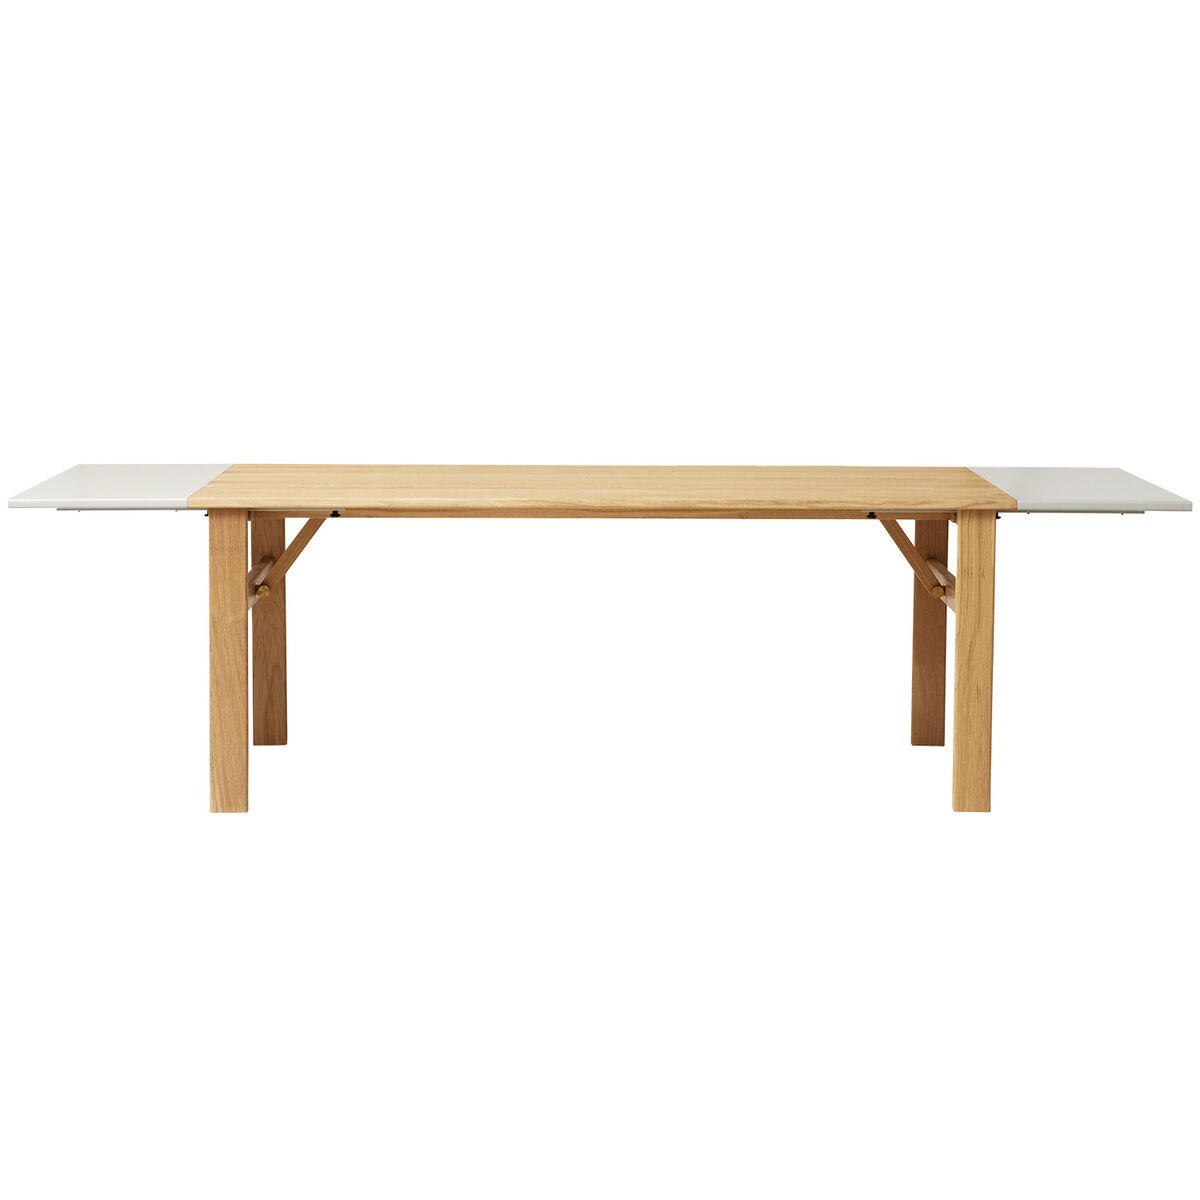 Form & Refine Damsbo ruokapöydän jatkopalat, 2 kpl, mattaharmaa